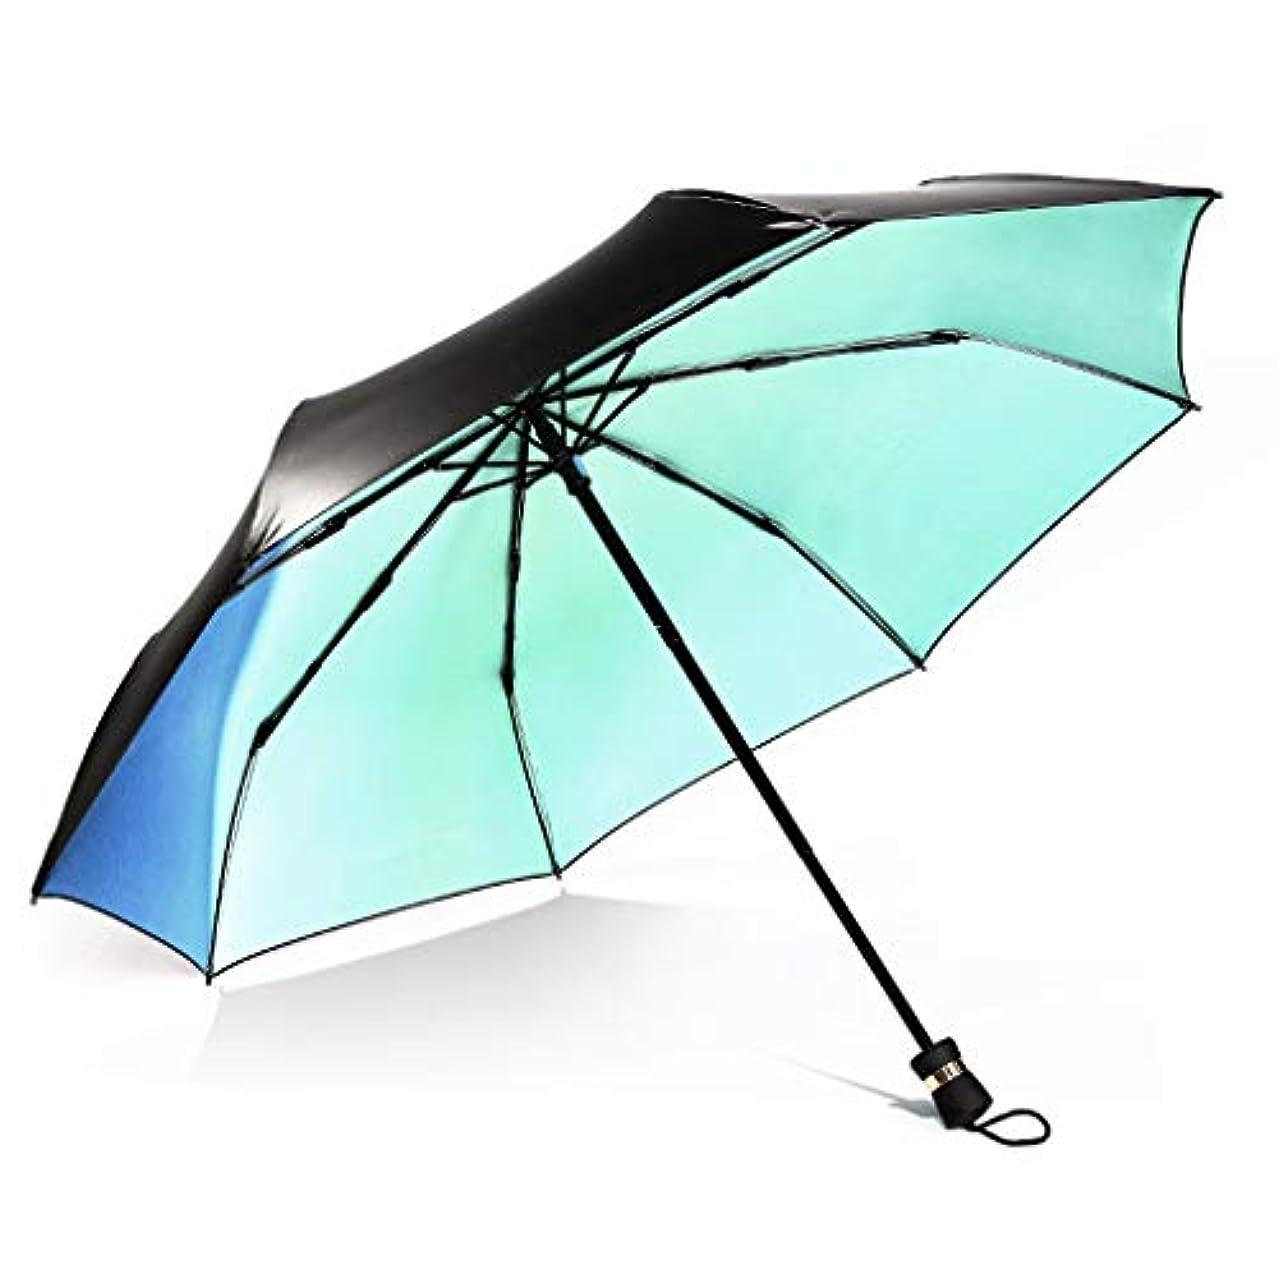 十分ではないコメンテーター油絵創造的な折りたたみ太陽傘グラデーションカラー傘抗UV傘傘 ズトイビー (Color : A)